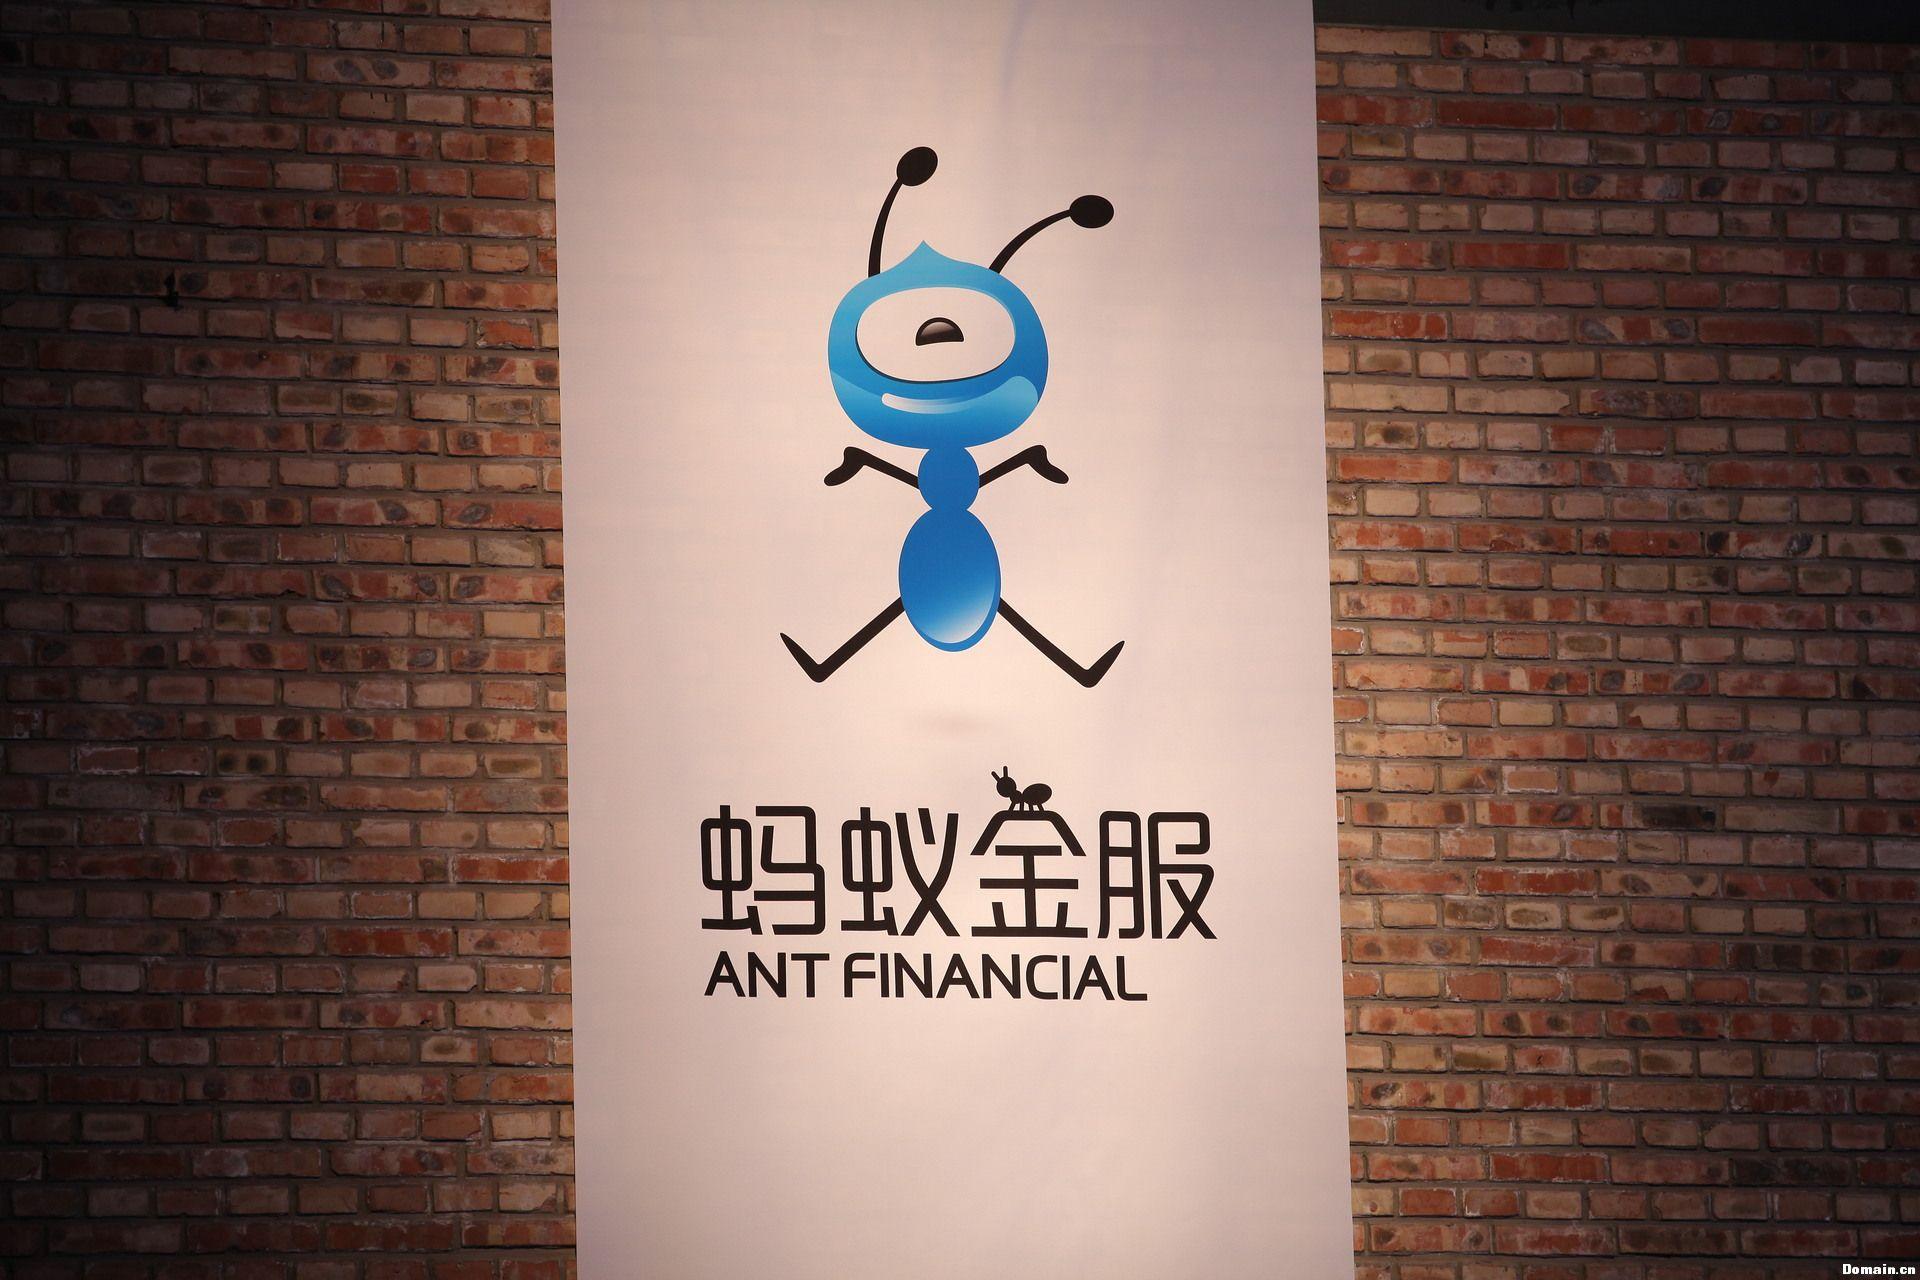 外媒曝蚂蚁金服或寻求美元融资?回应:正常运营